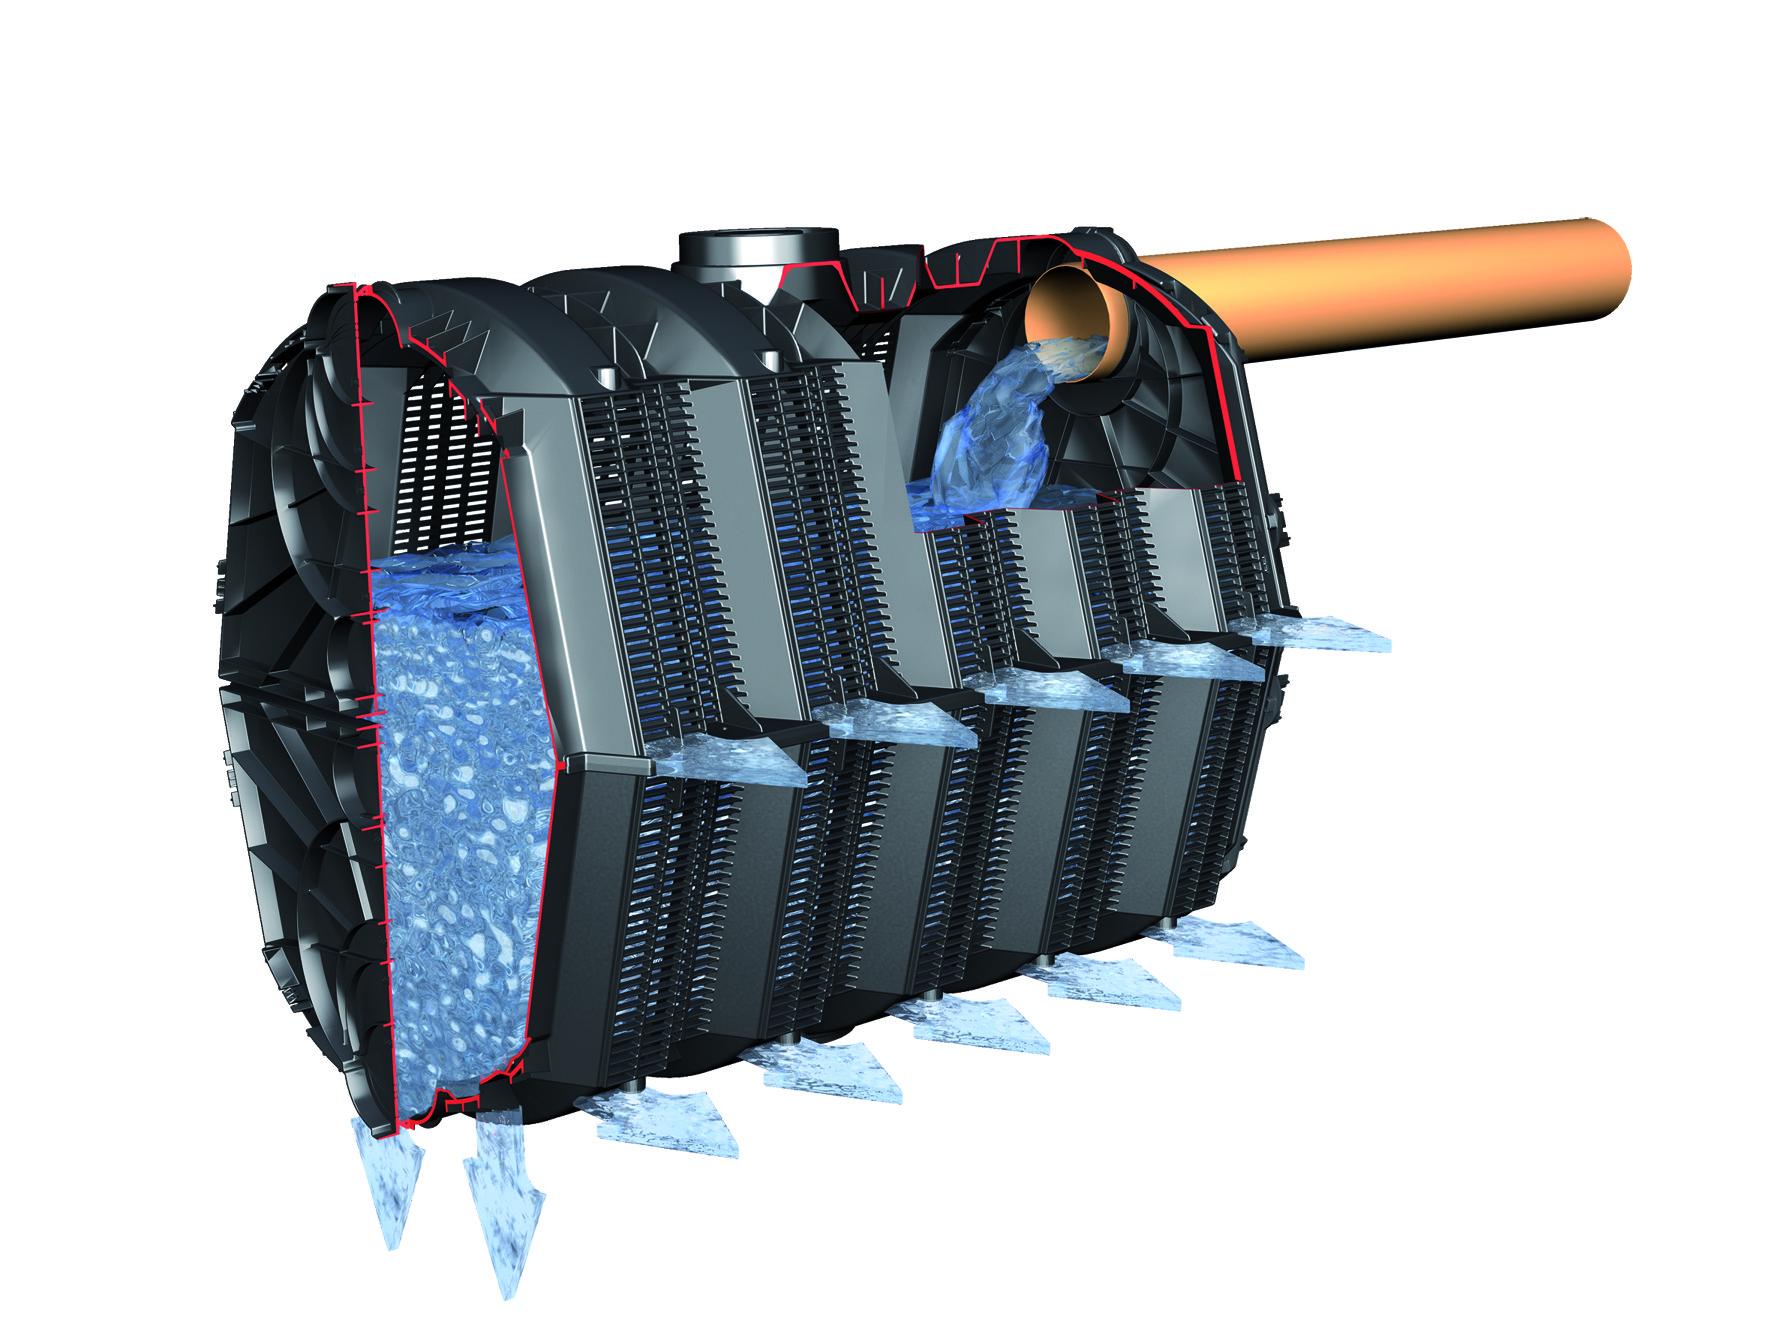 regenwasser versickerung sicker tunnel twin pkw 600l graf 410130 bei. Black Bedroom Furniture Sets. Home Design Ideas